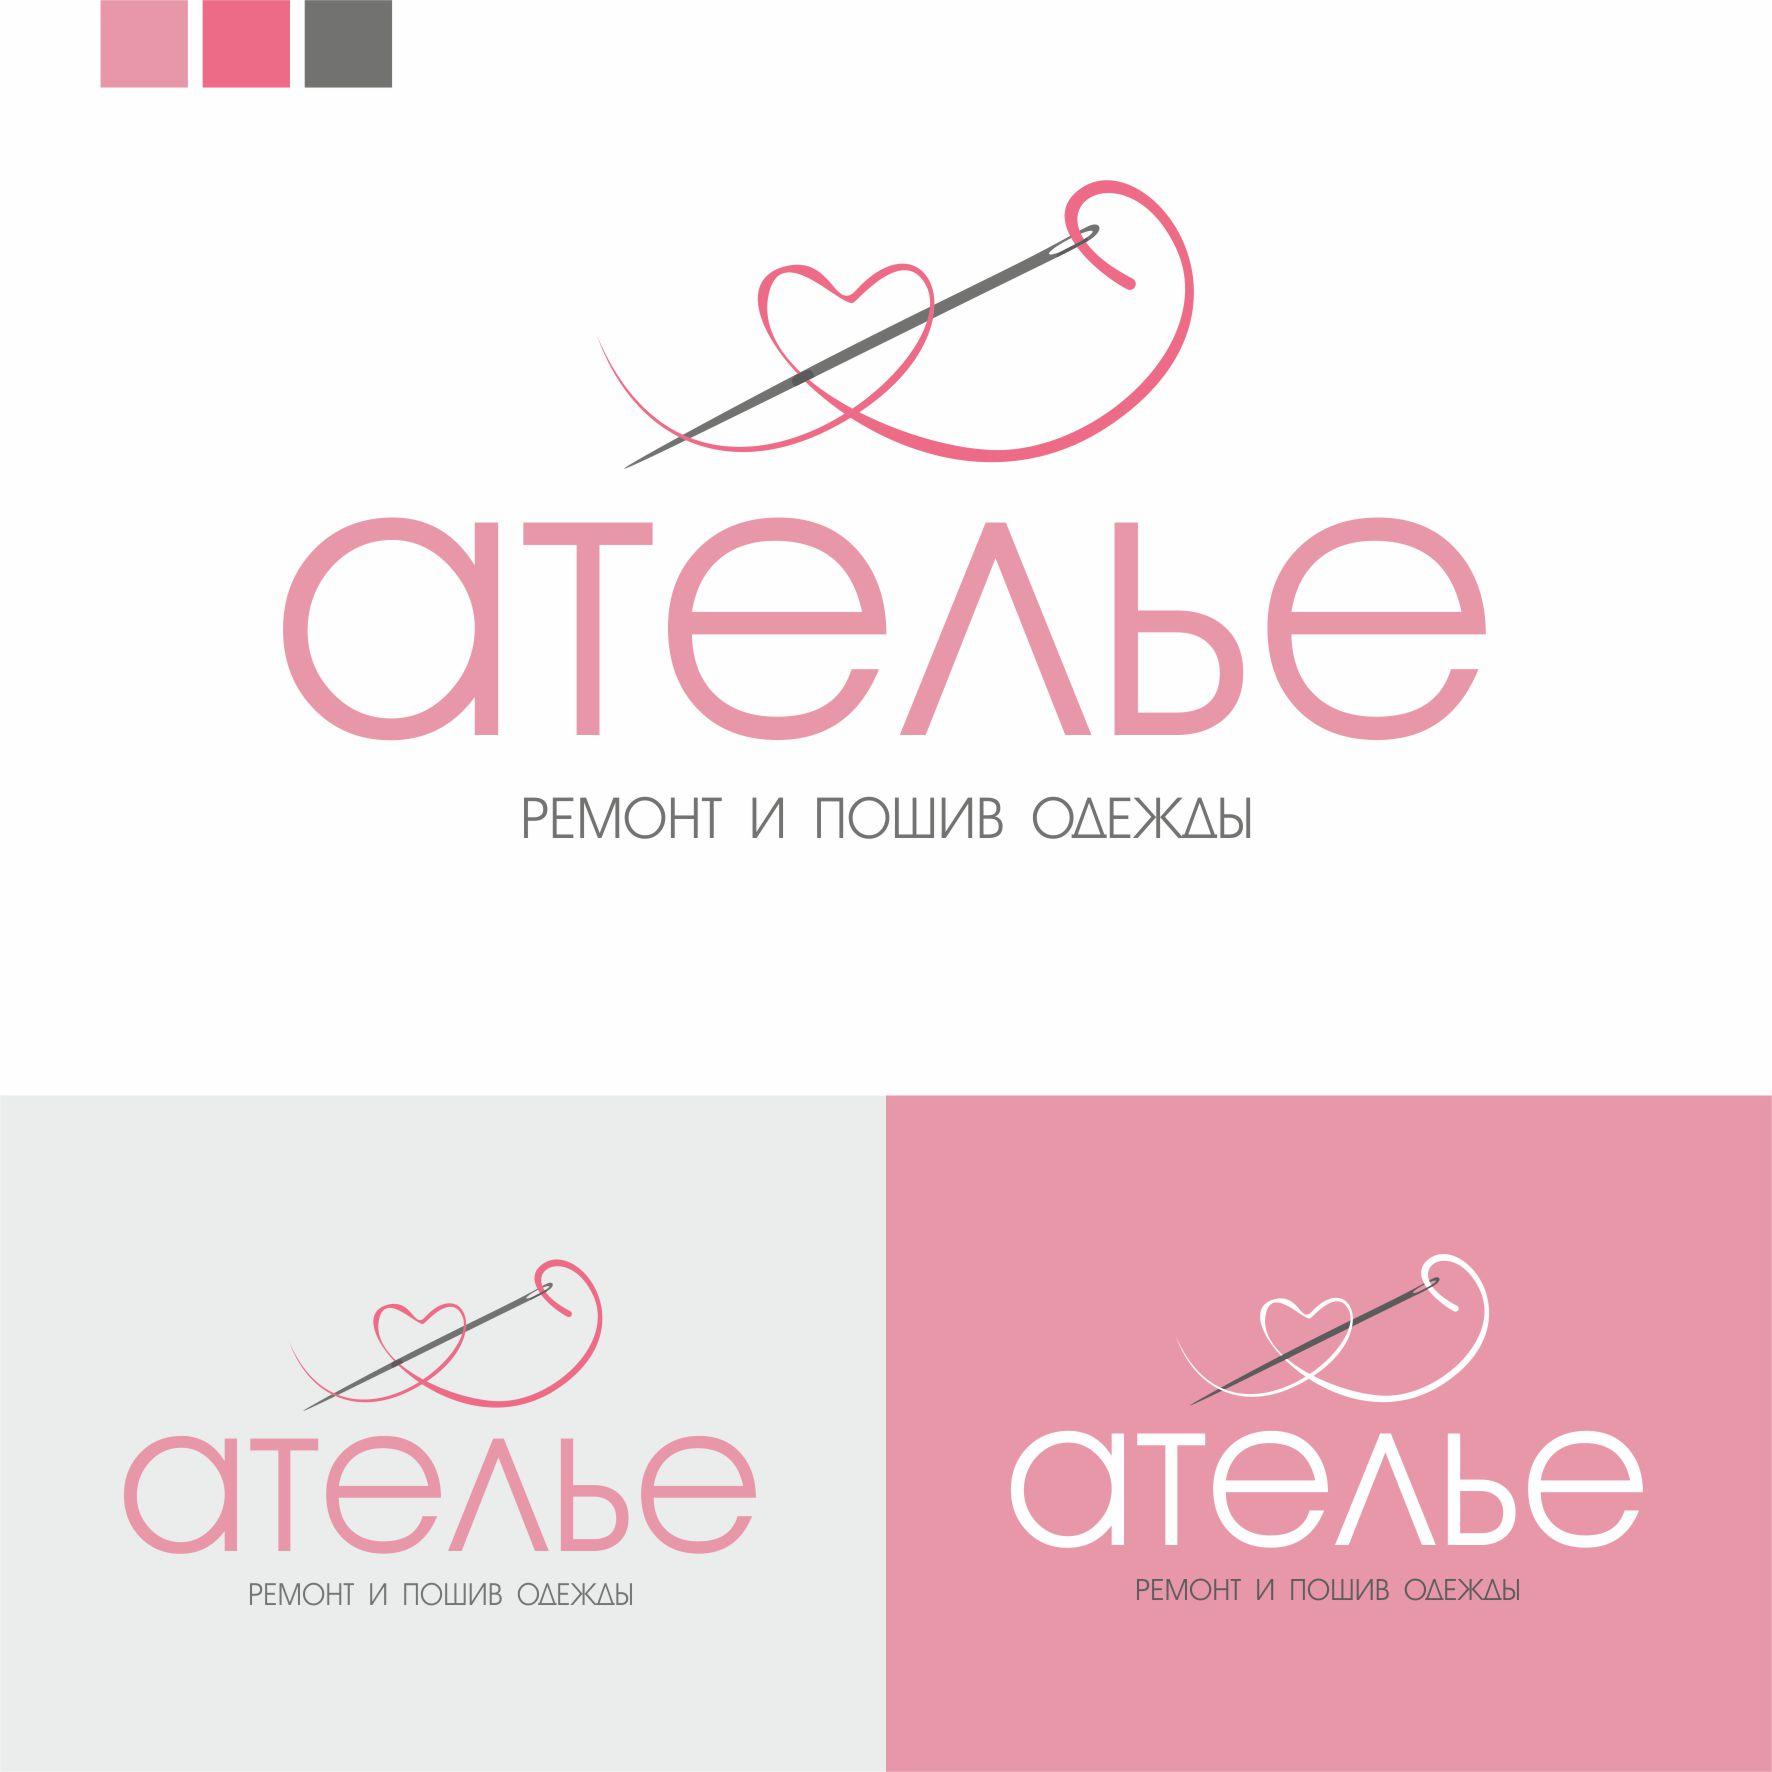 Ателье логотип | фирменный стиль